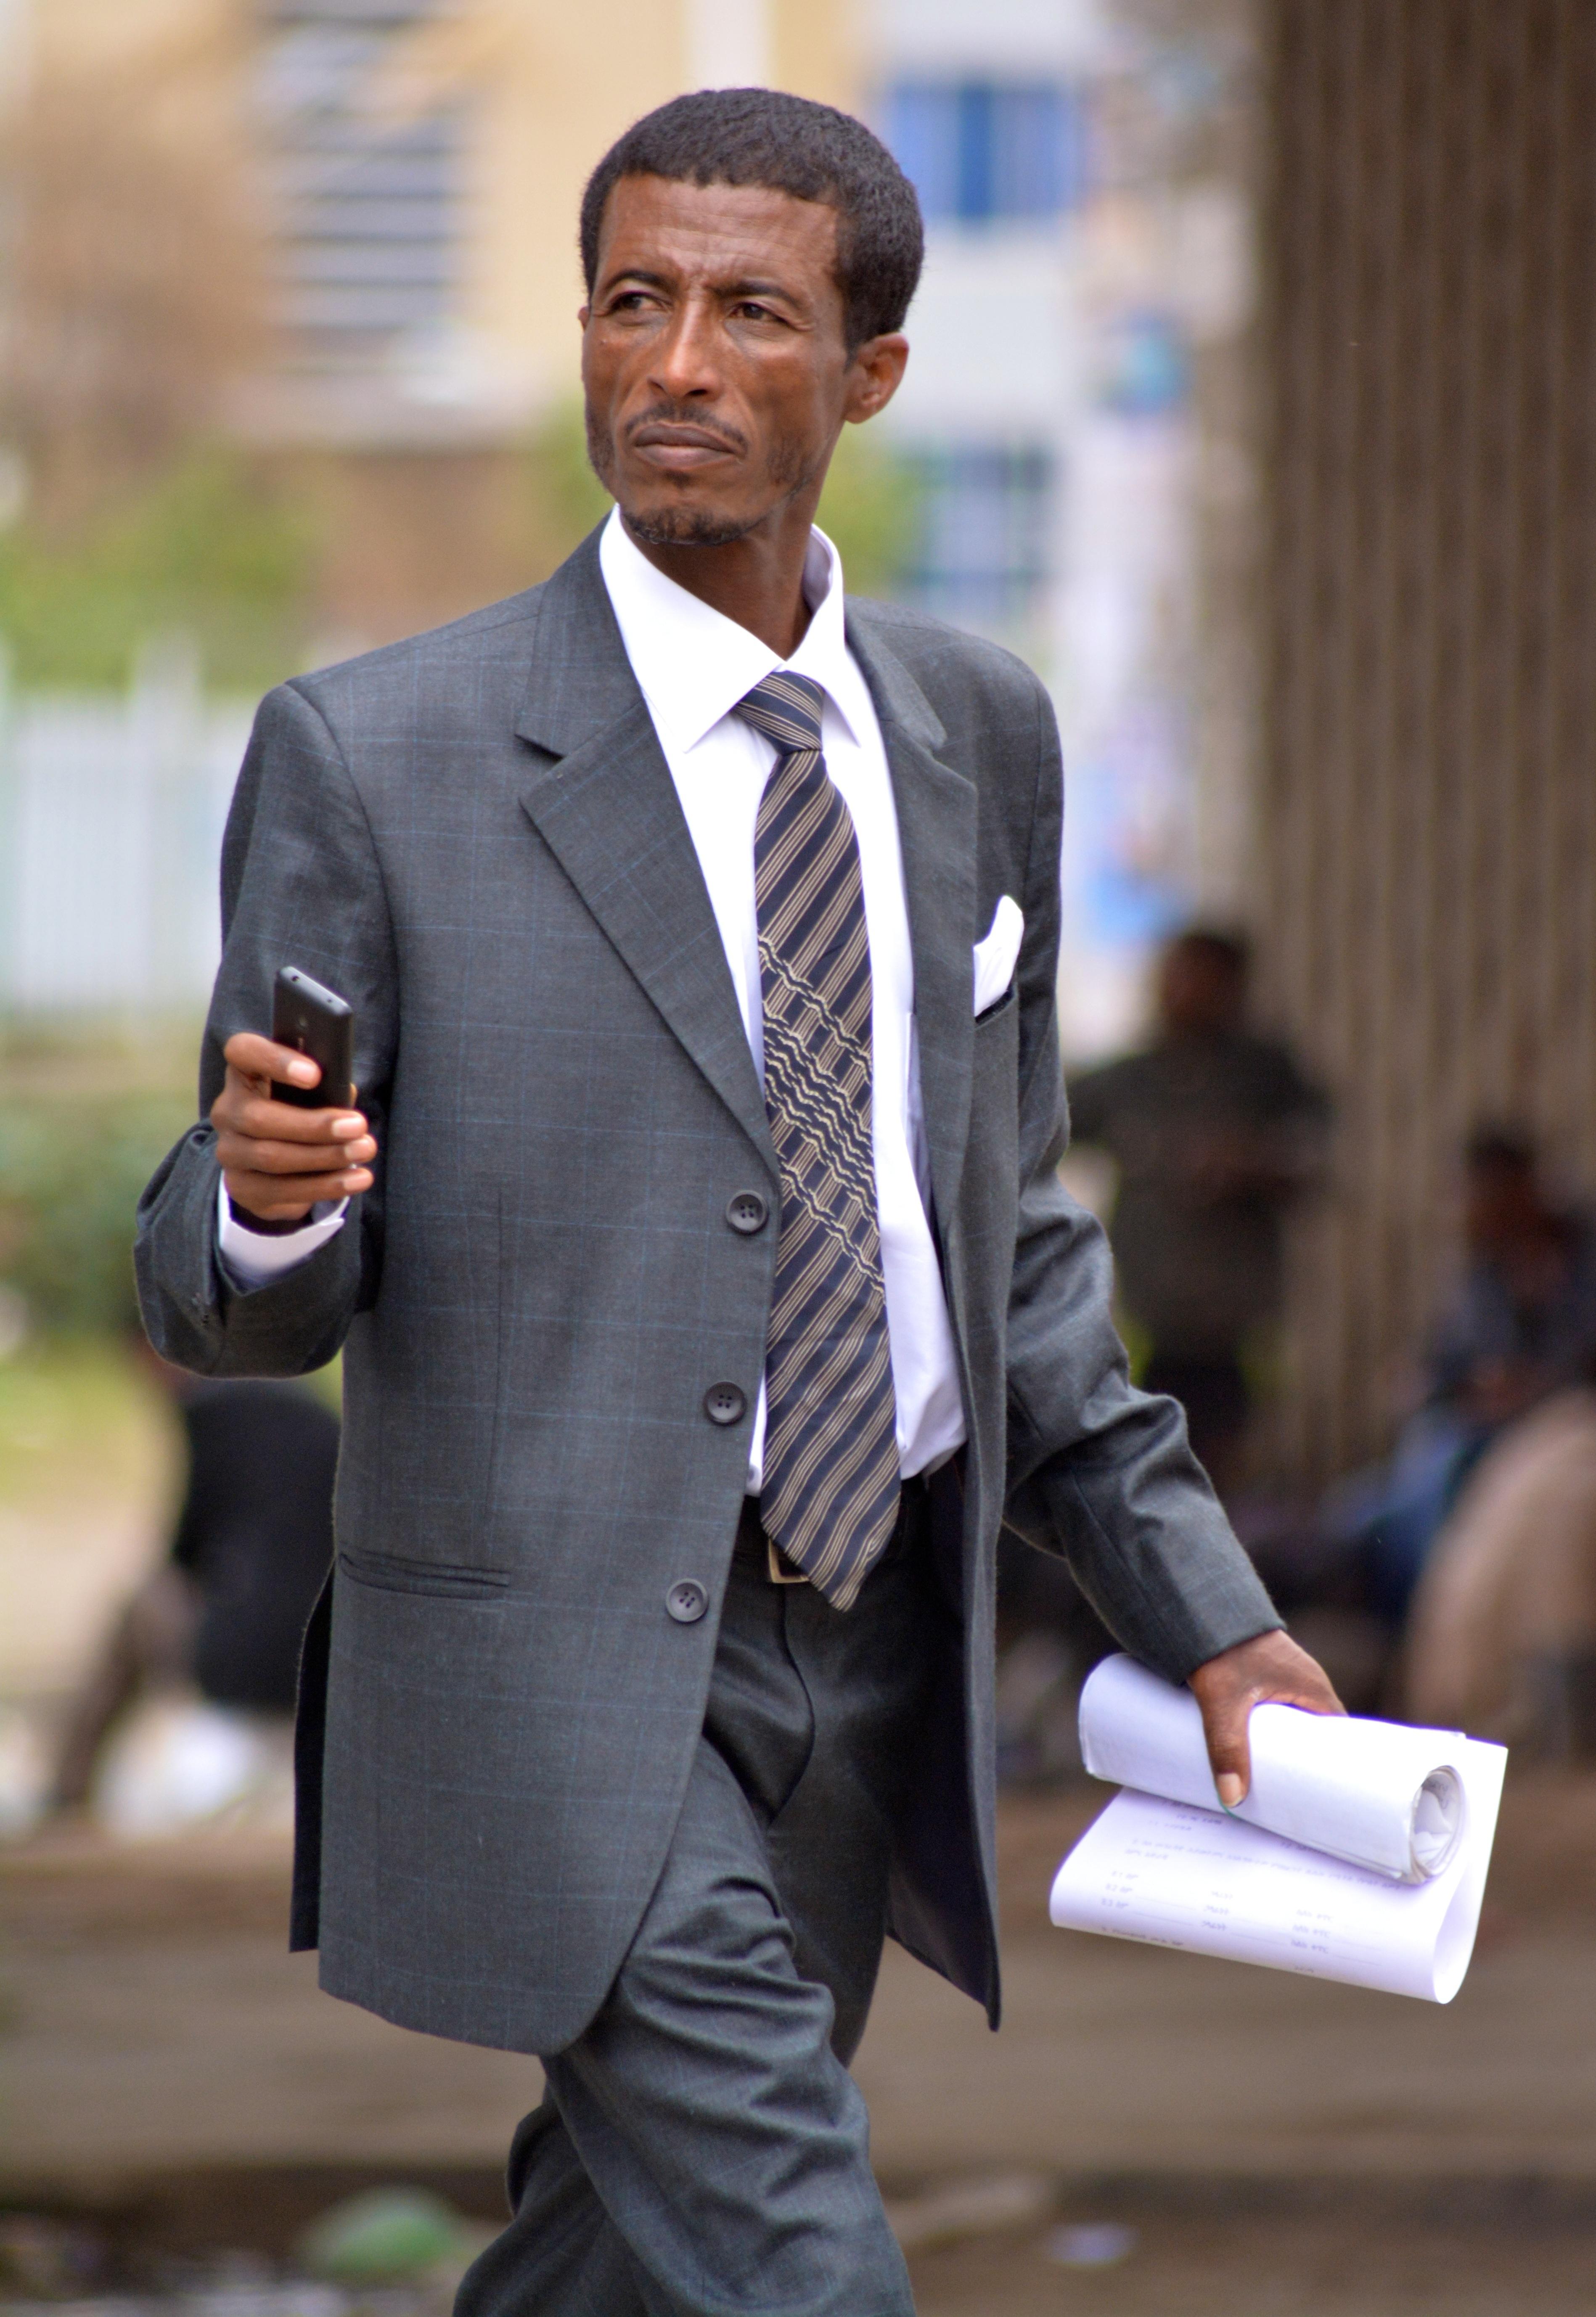 Beau Costume Homme dedans images gratuites : travail, la personne, costume, mâle, printemps